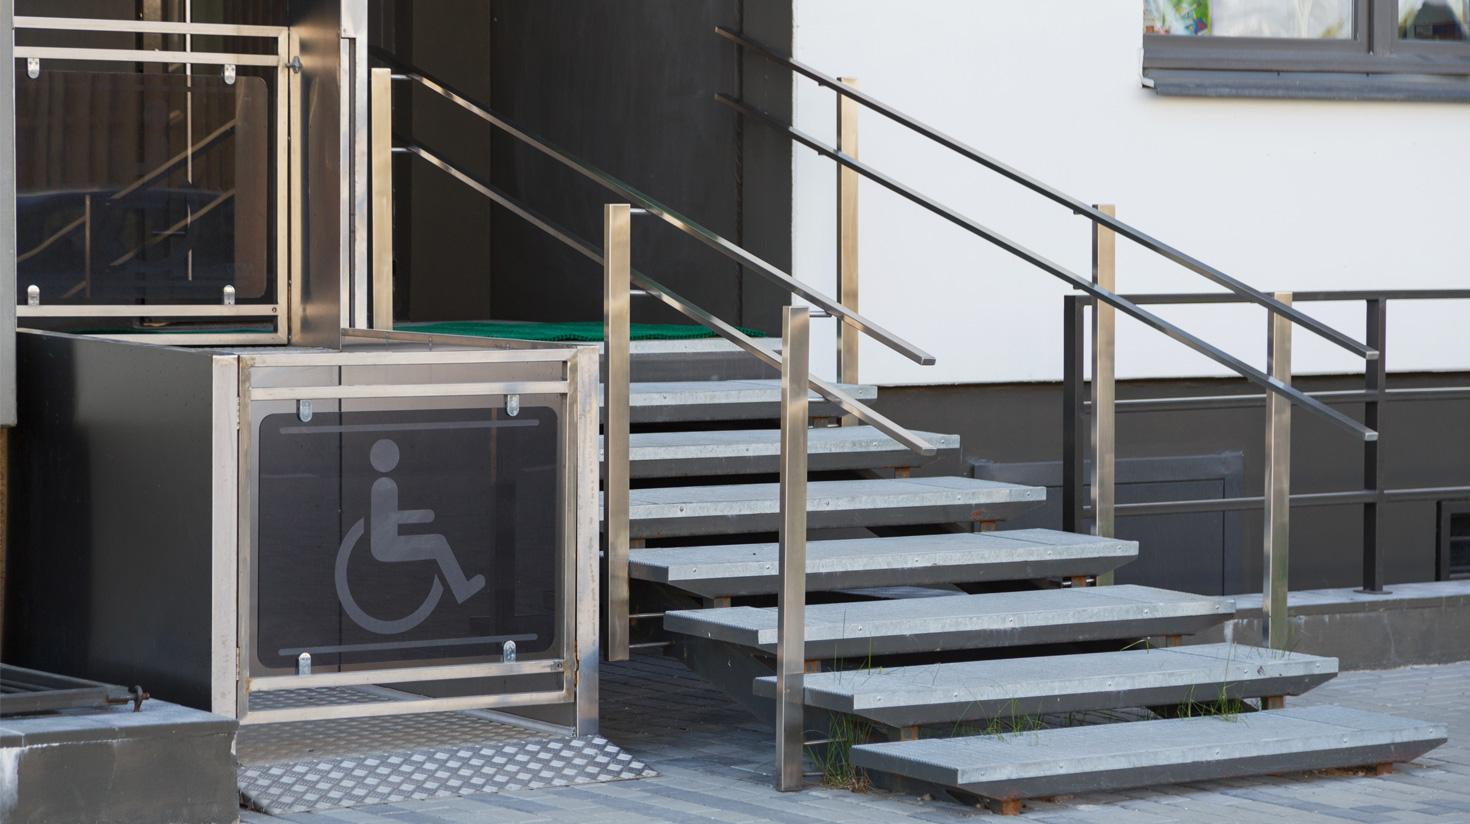 Accessibilité et adaptabilité sont-ils des critères de développement durable ?